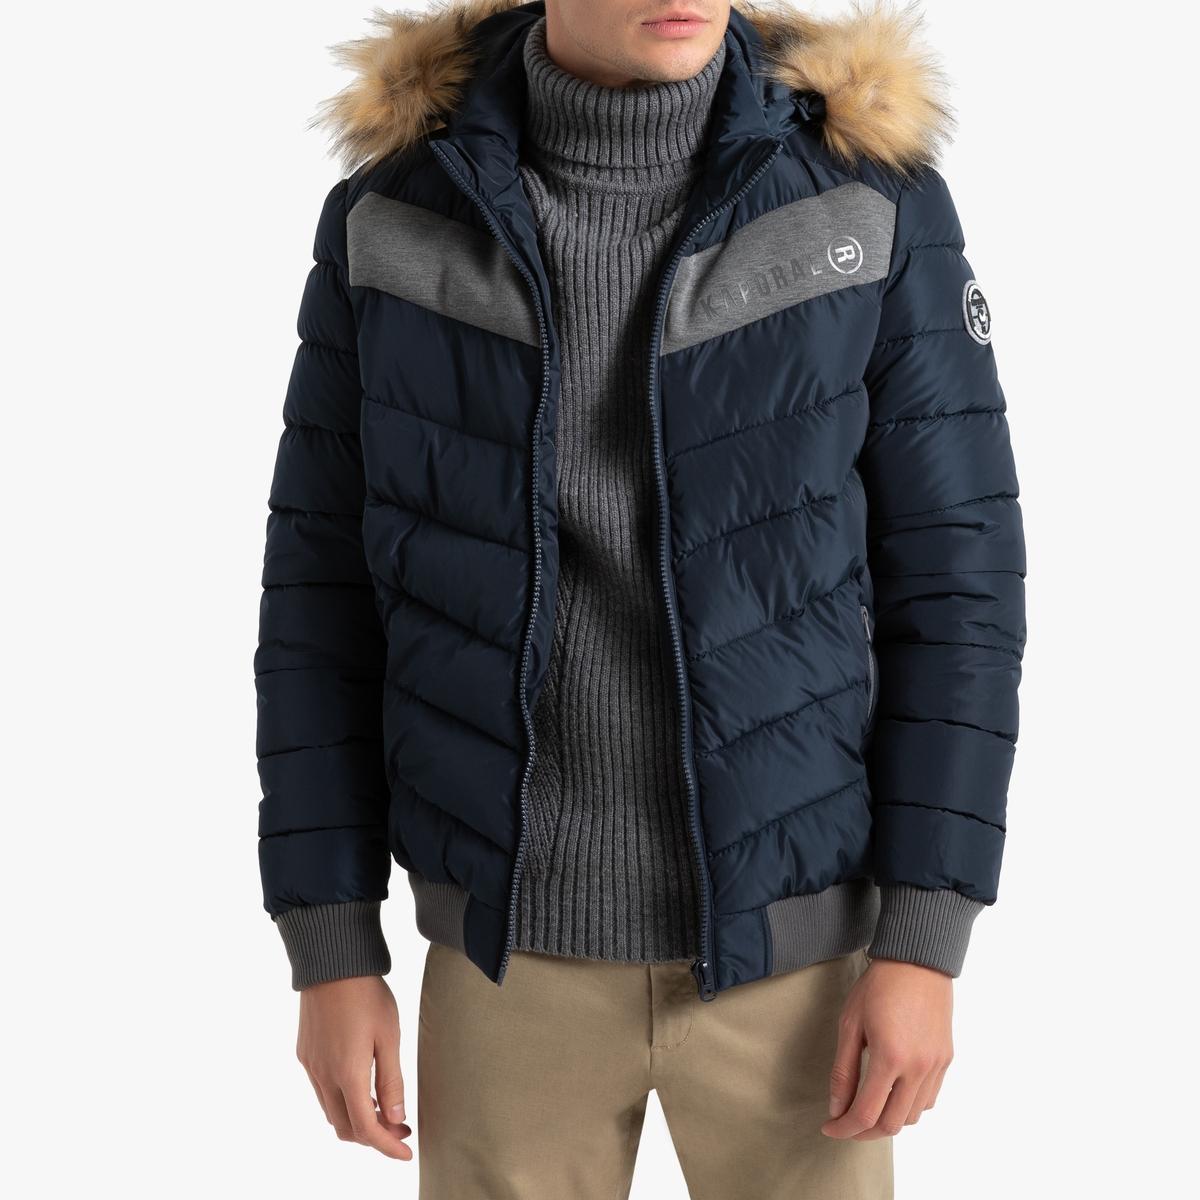 Куртка LaRedoute Стеганая на молнии с капюшоном Geru S синий куртка la redoute стеганая на молнии с капюшоном idaho 2 3xl синий